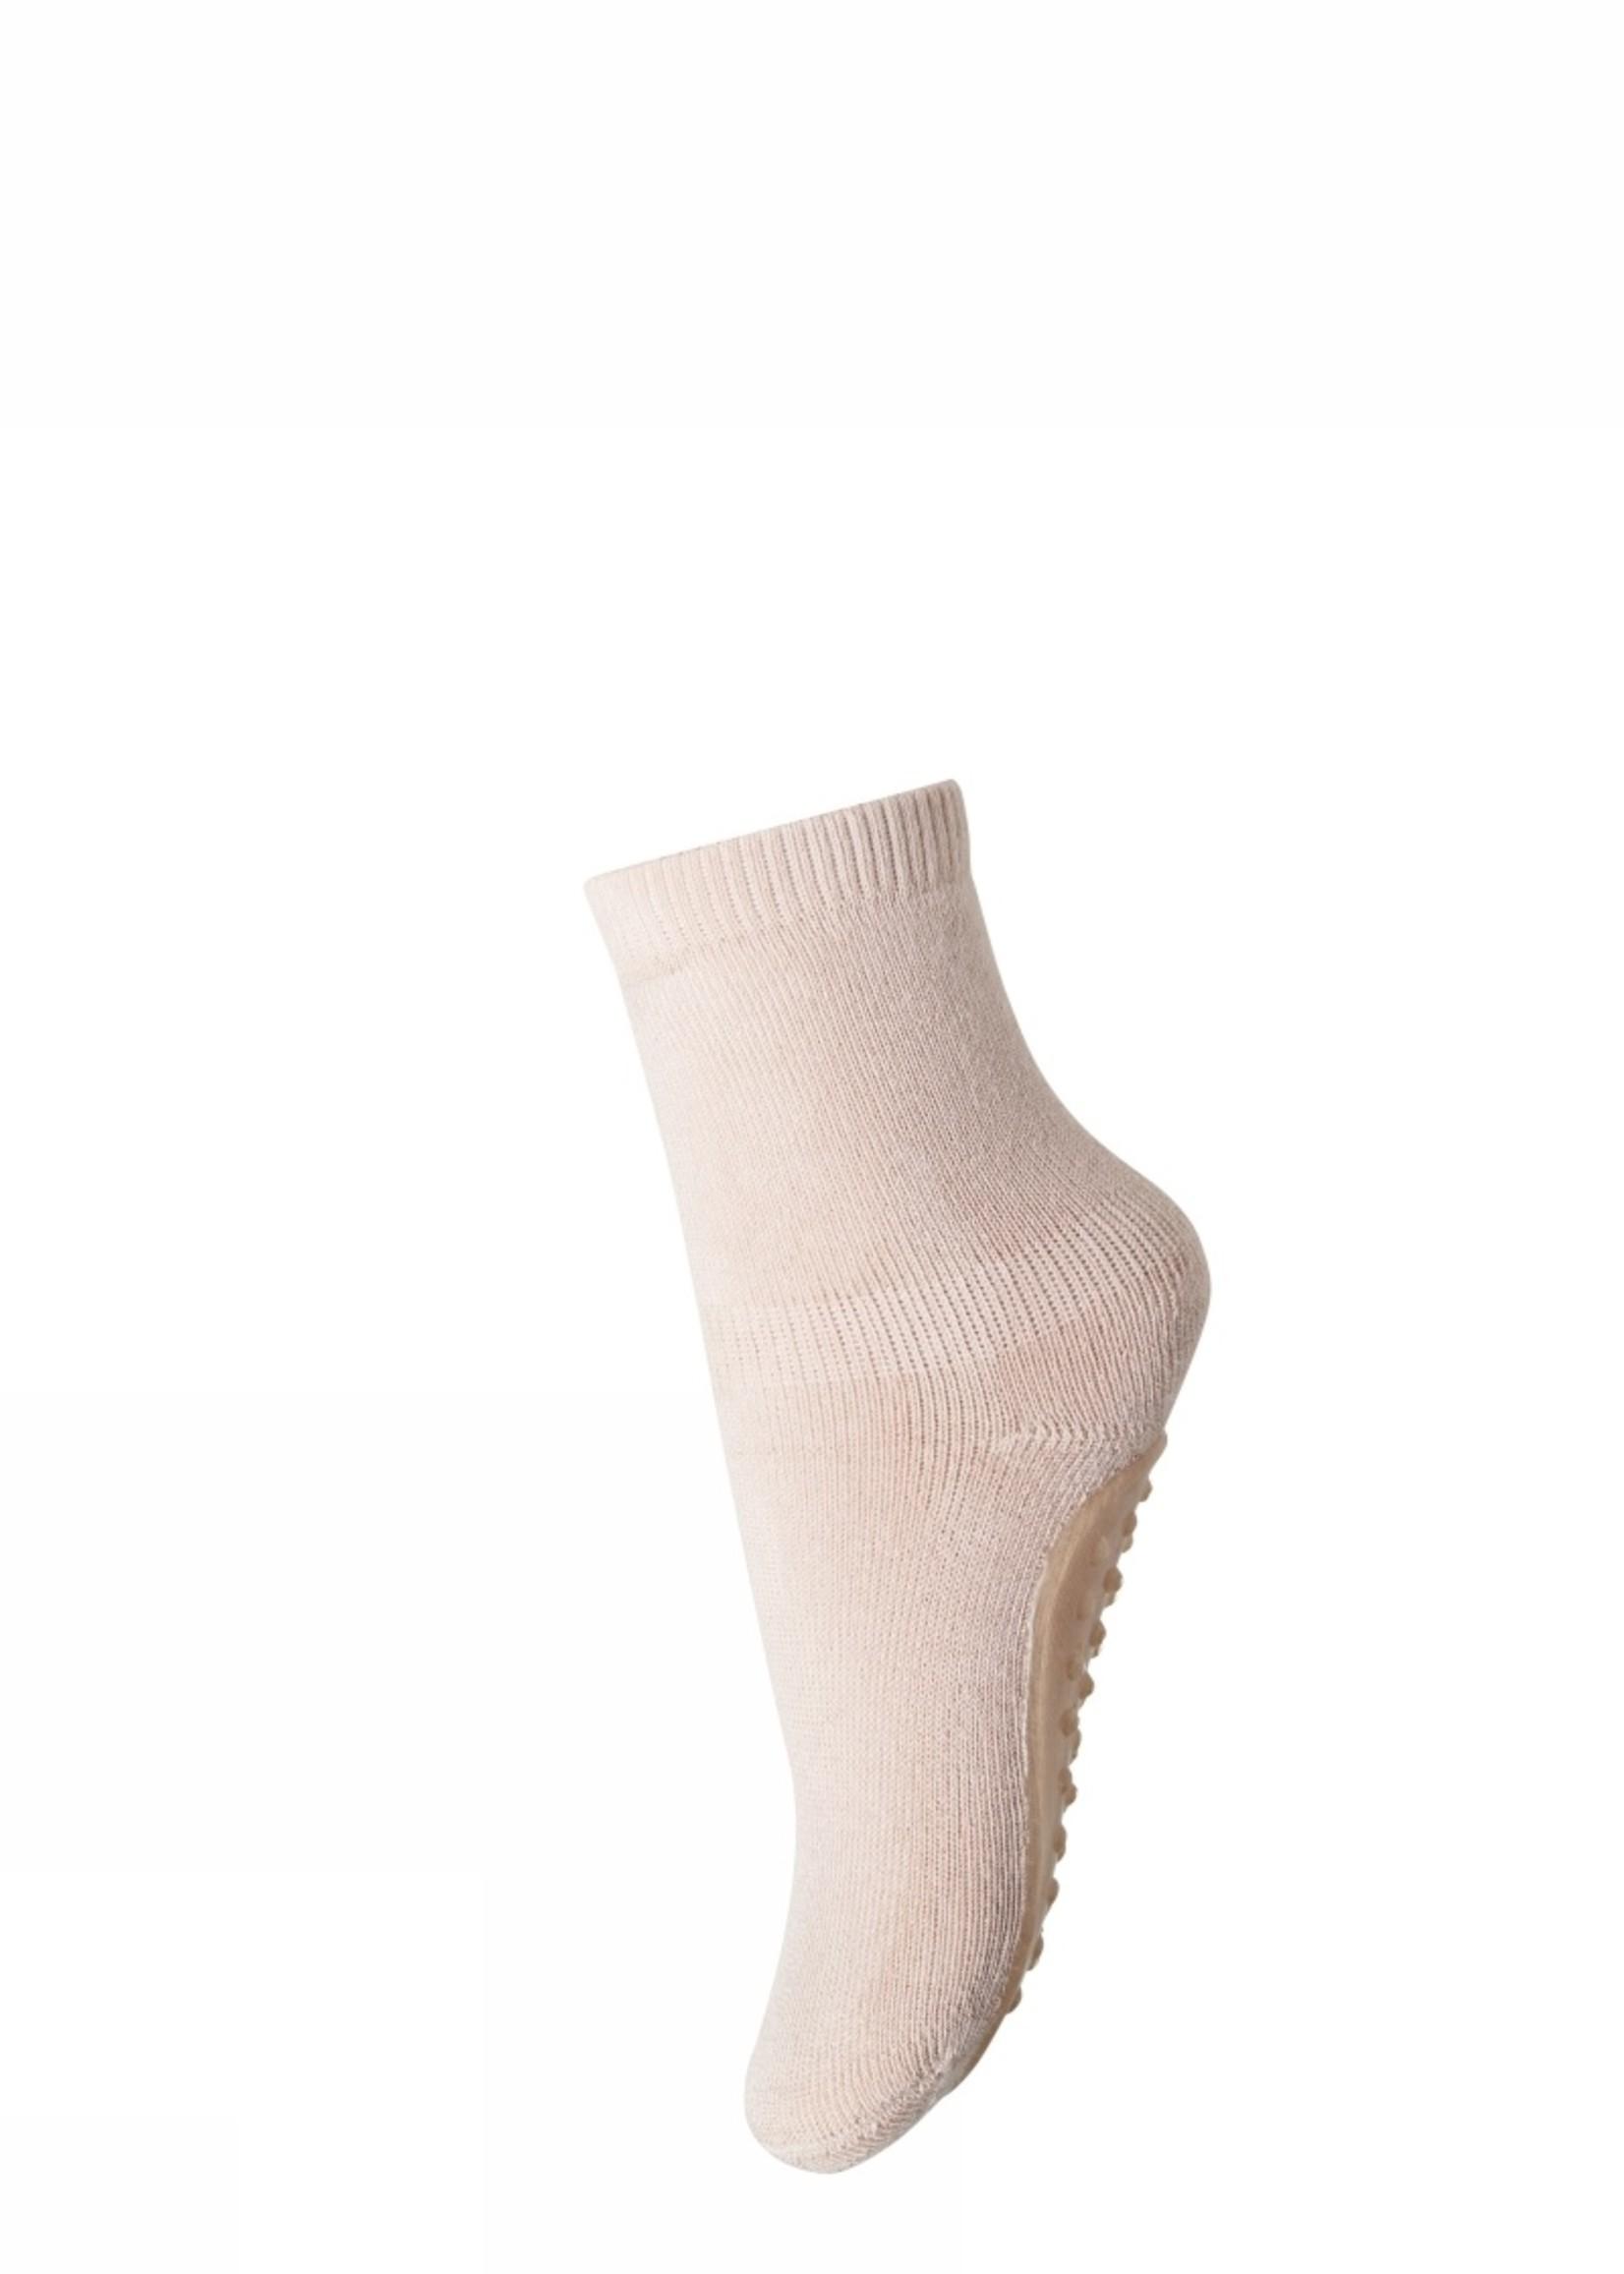 MP Denmark Cotton socks with anti-slip - Rose Dust